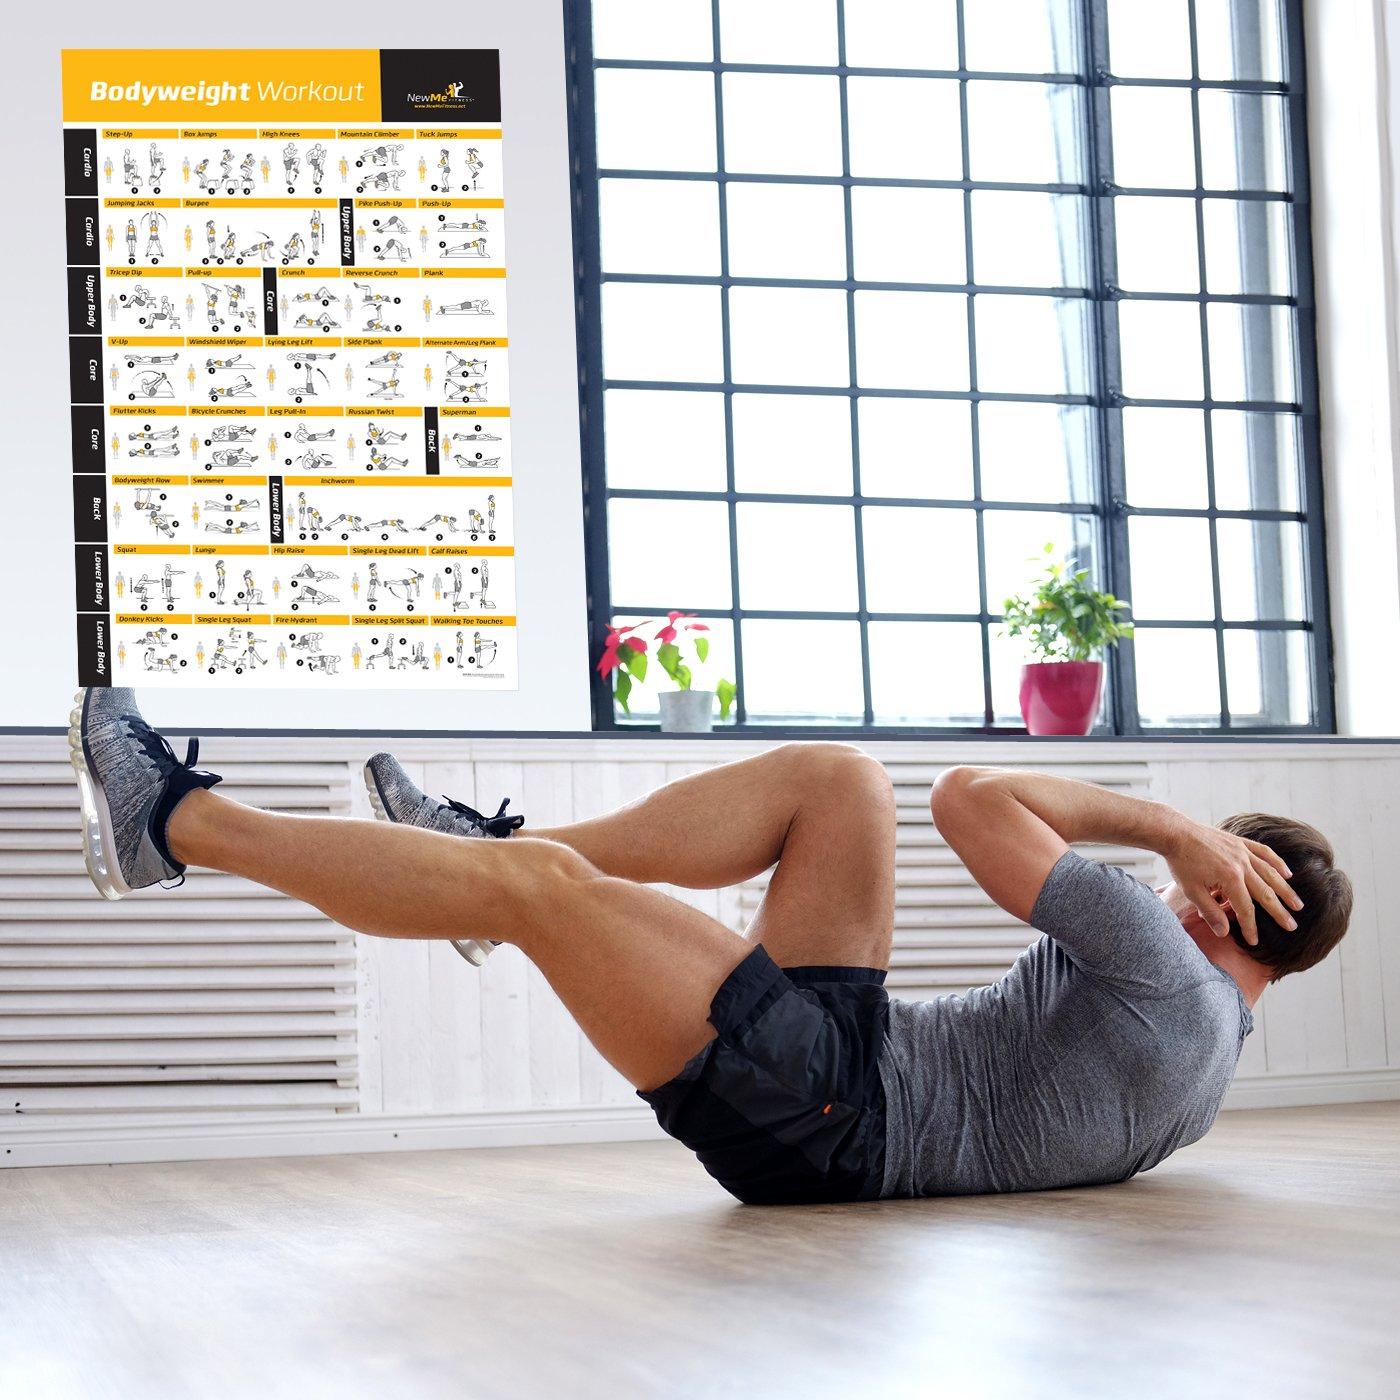 Póster de ejercicios y entrenamiento para perder peso NewMe Fitness. Programa de buena forma, entrenador personal. Póster de gimnasio en casa.